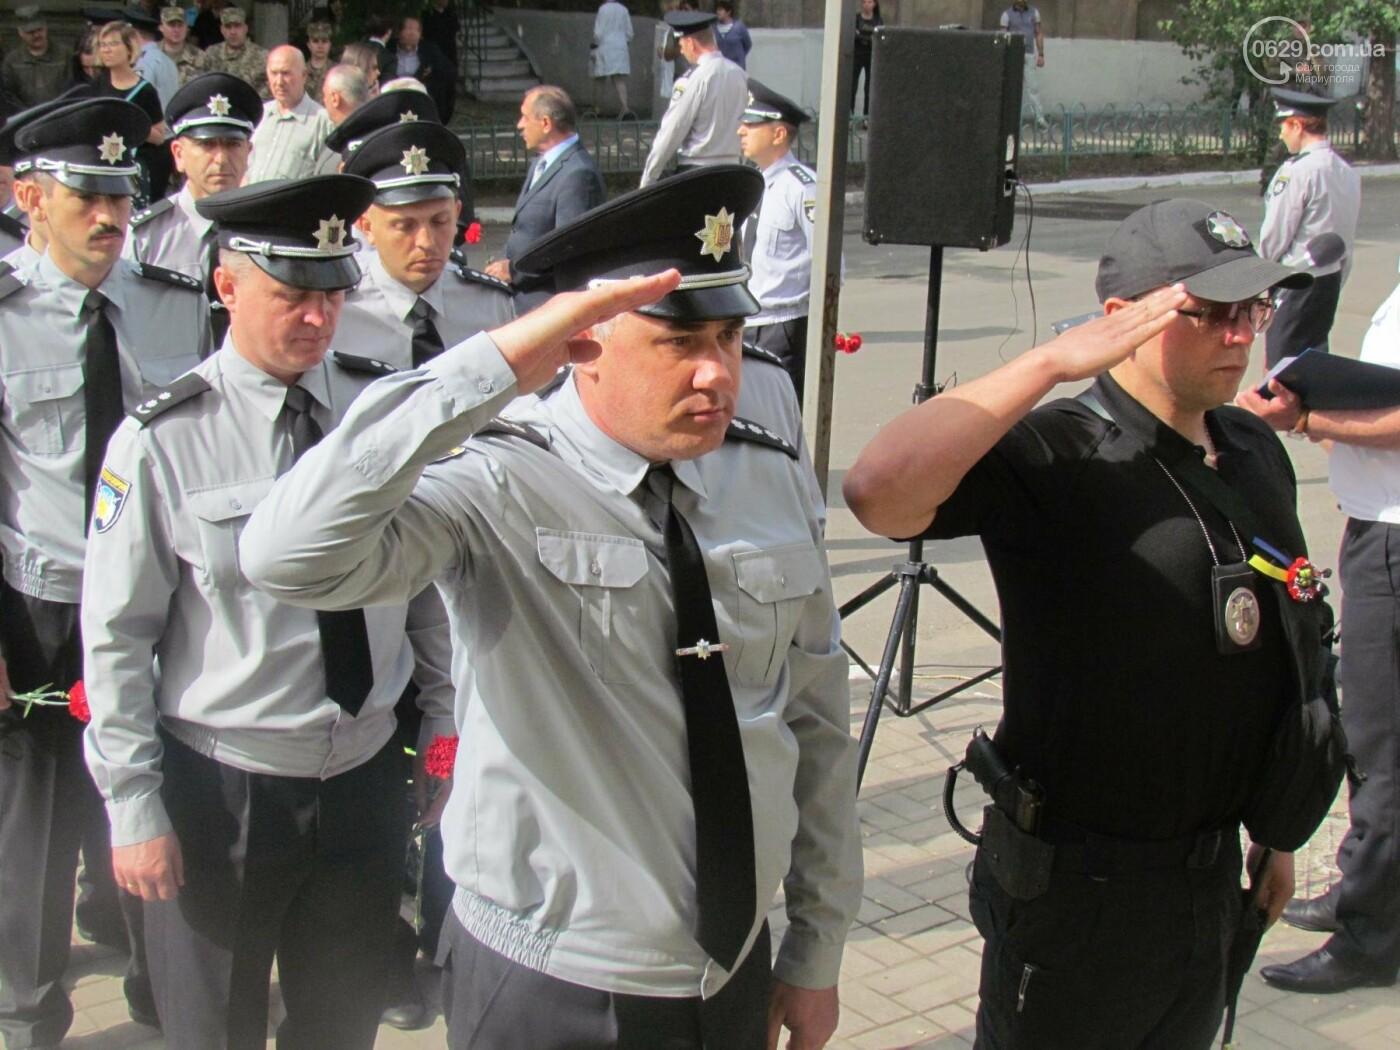 В Мариуполе почтили память патриотов, погибших 9 мая 2014 года  (ФОТОРЕПОРТАЖ+ВИДЕО), фото-11